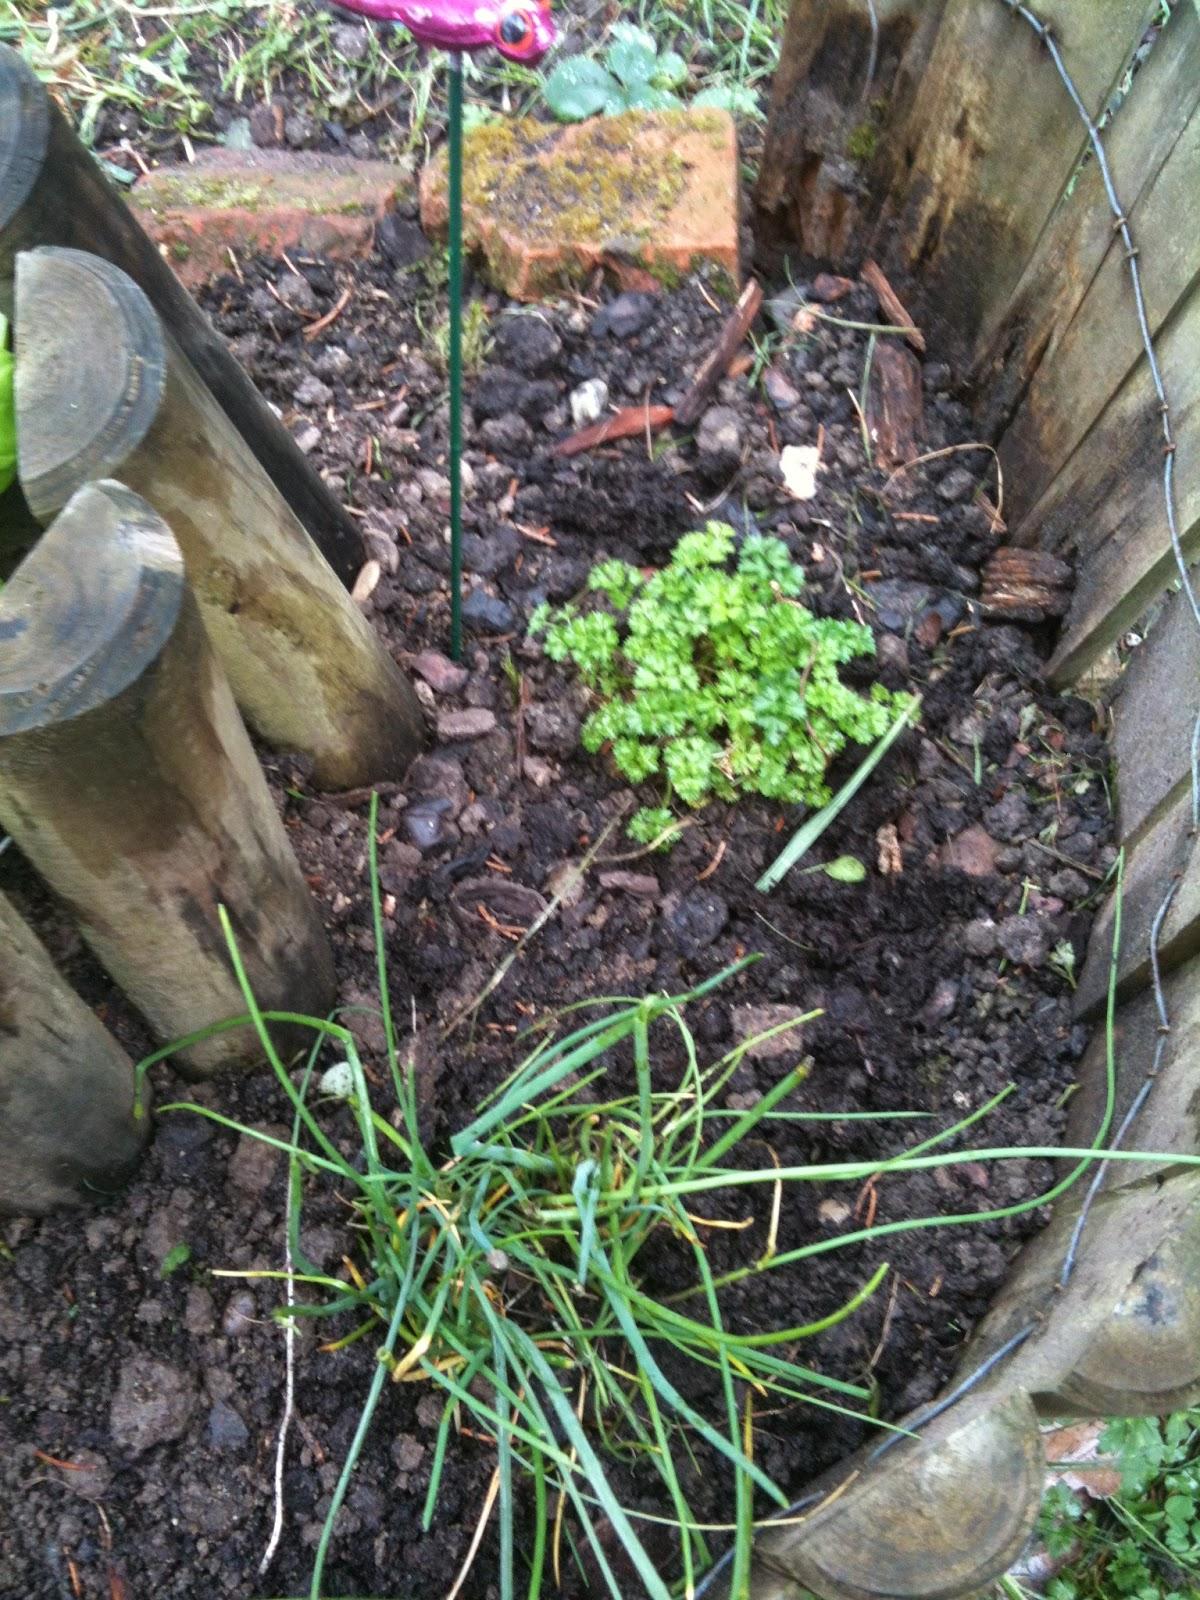 Les diy de fishounette petit jardin aromatique en colima on - Petit jardin aromatique ...